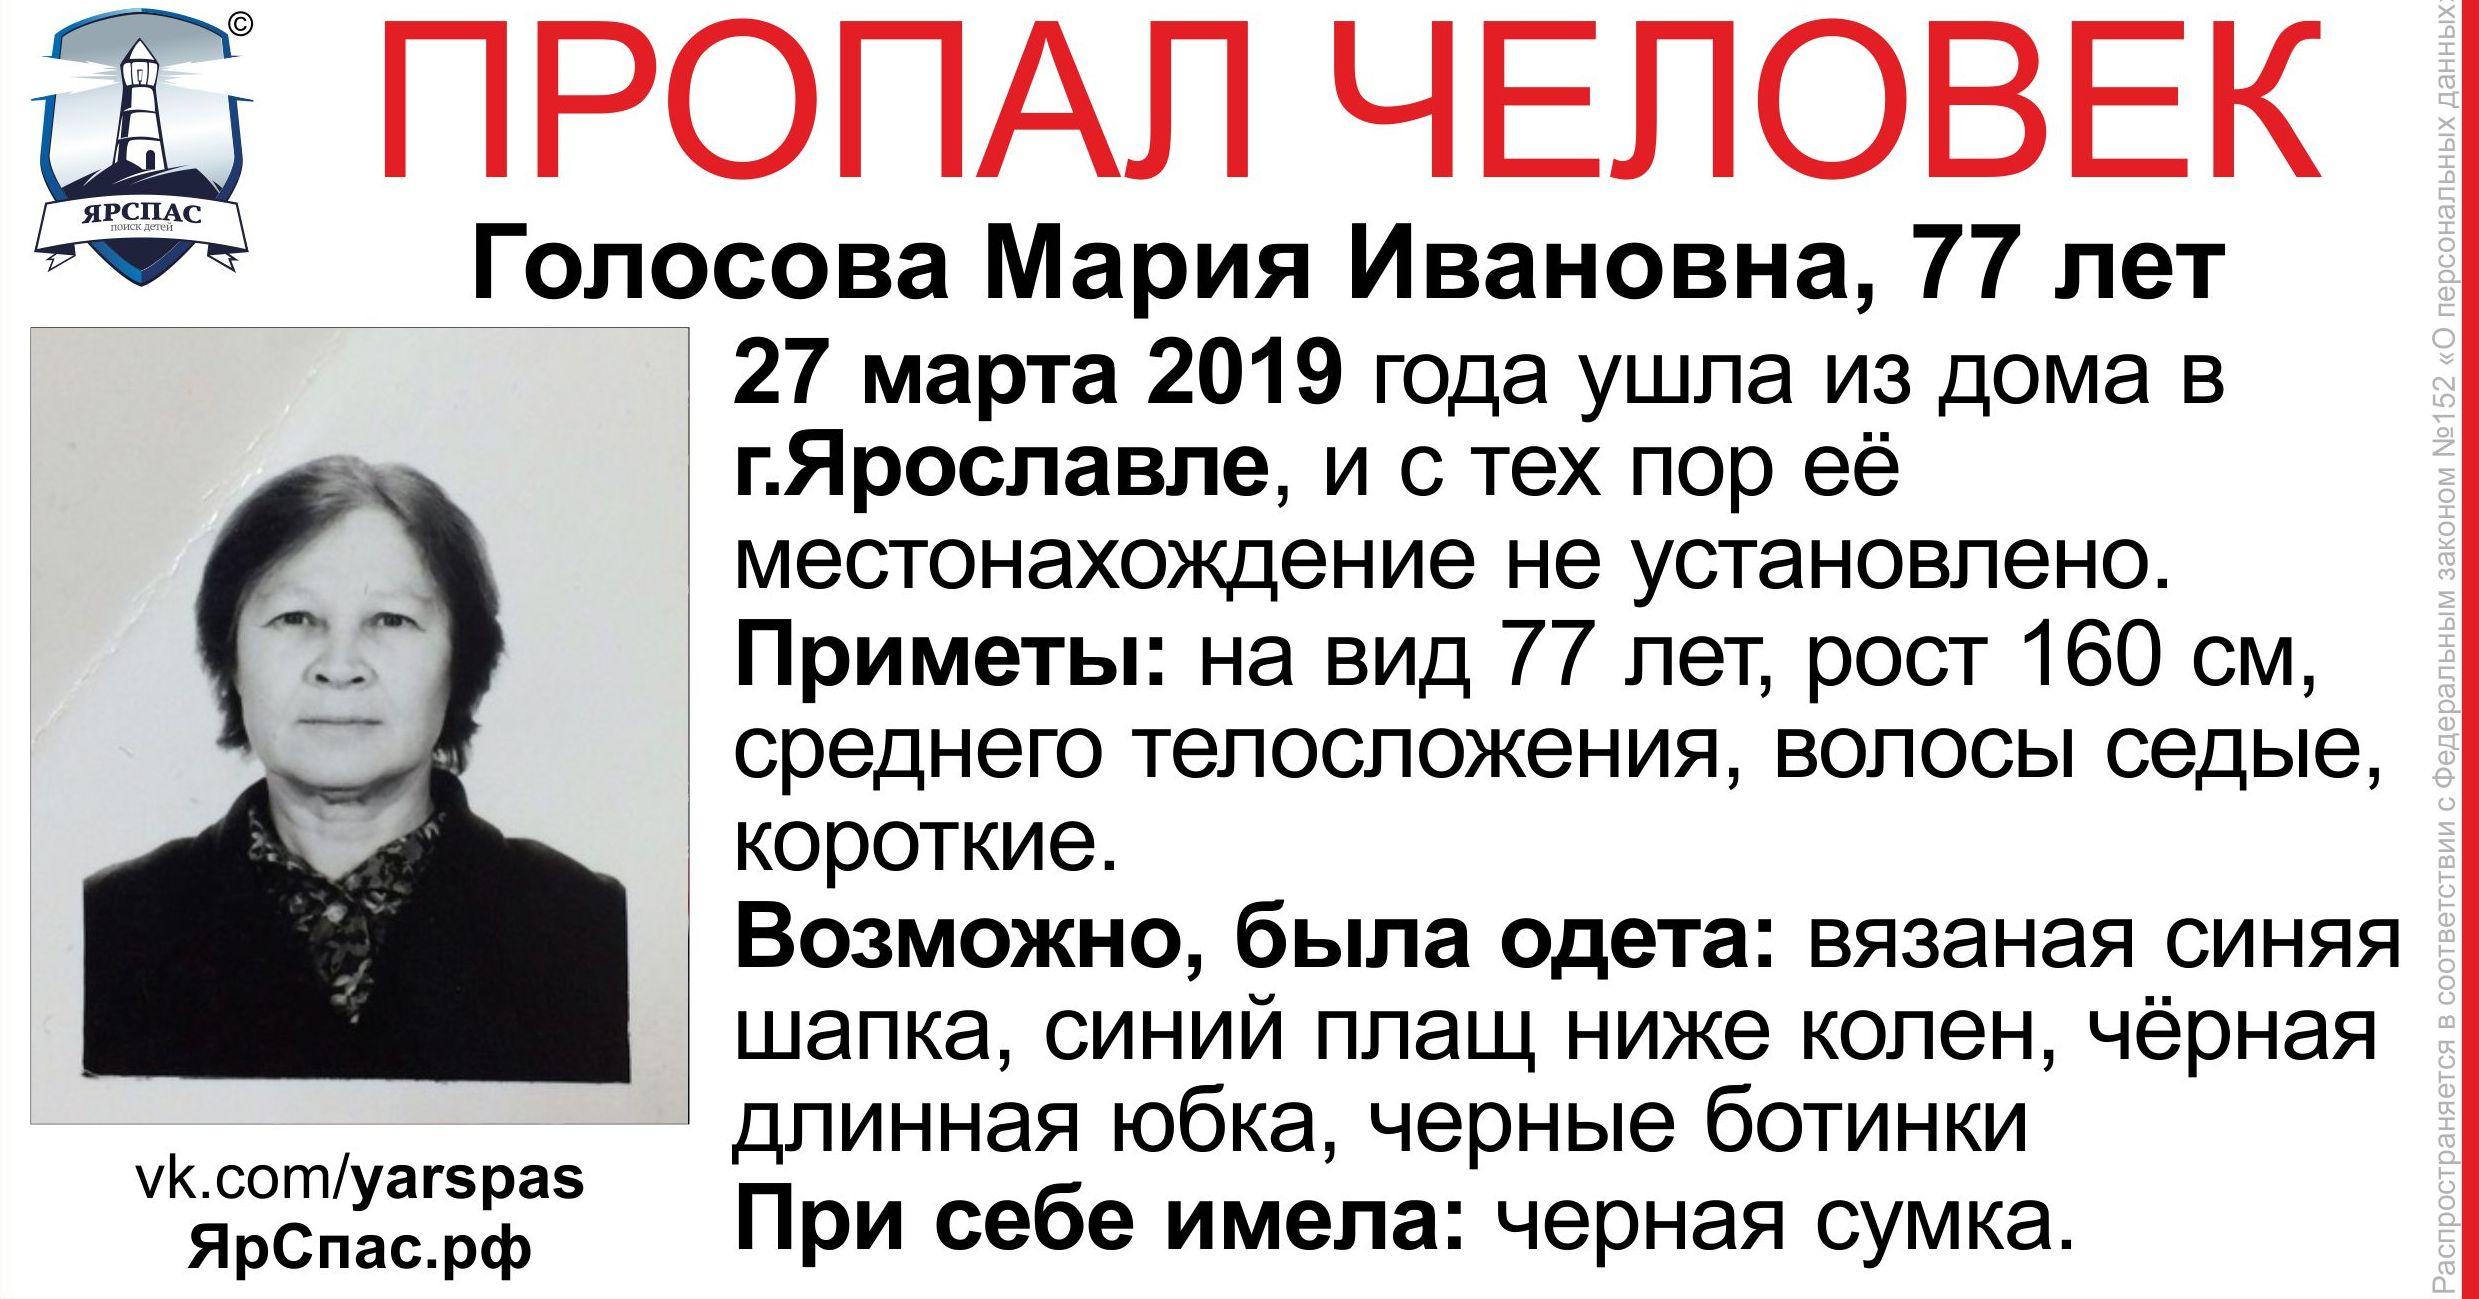 В Ярославле разыскивают пропавшую пенсионерку